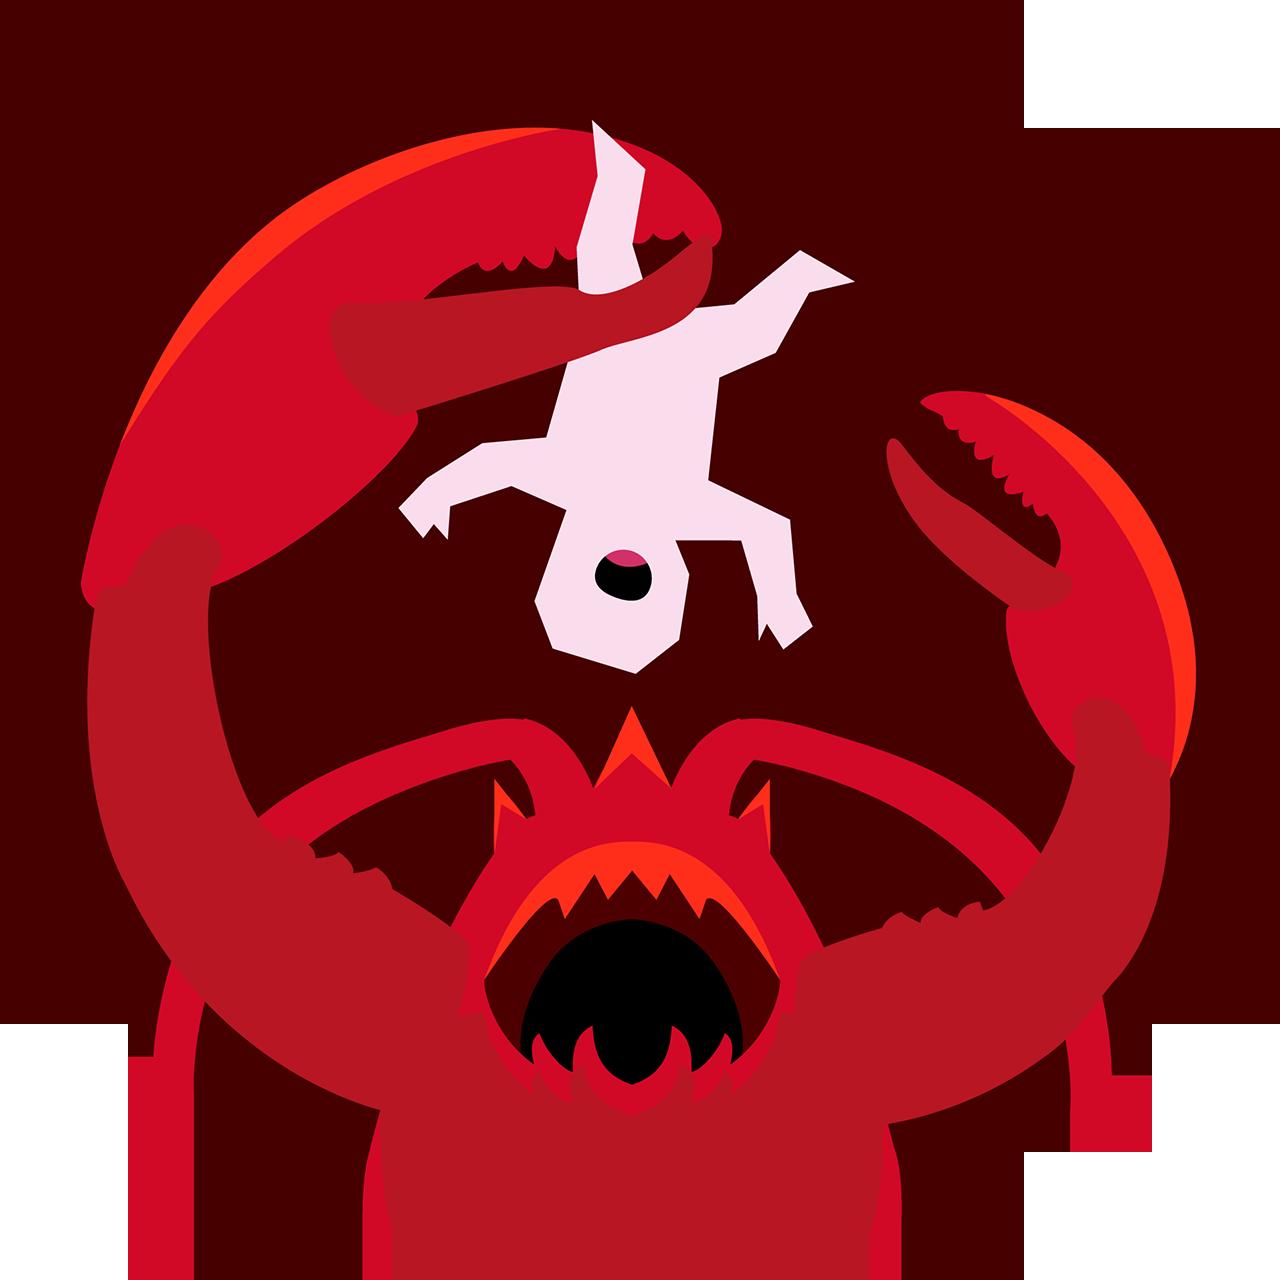 LobsterRevenge